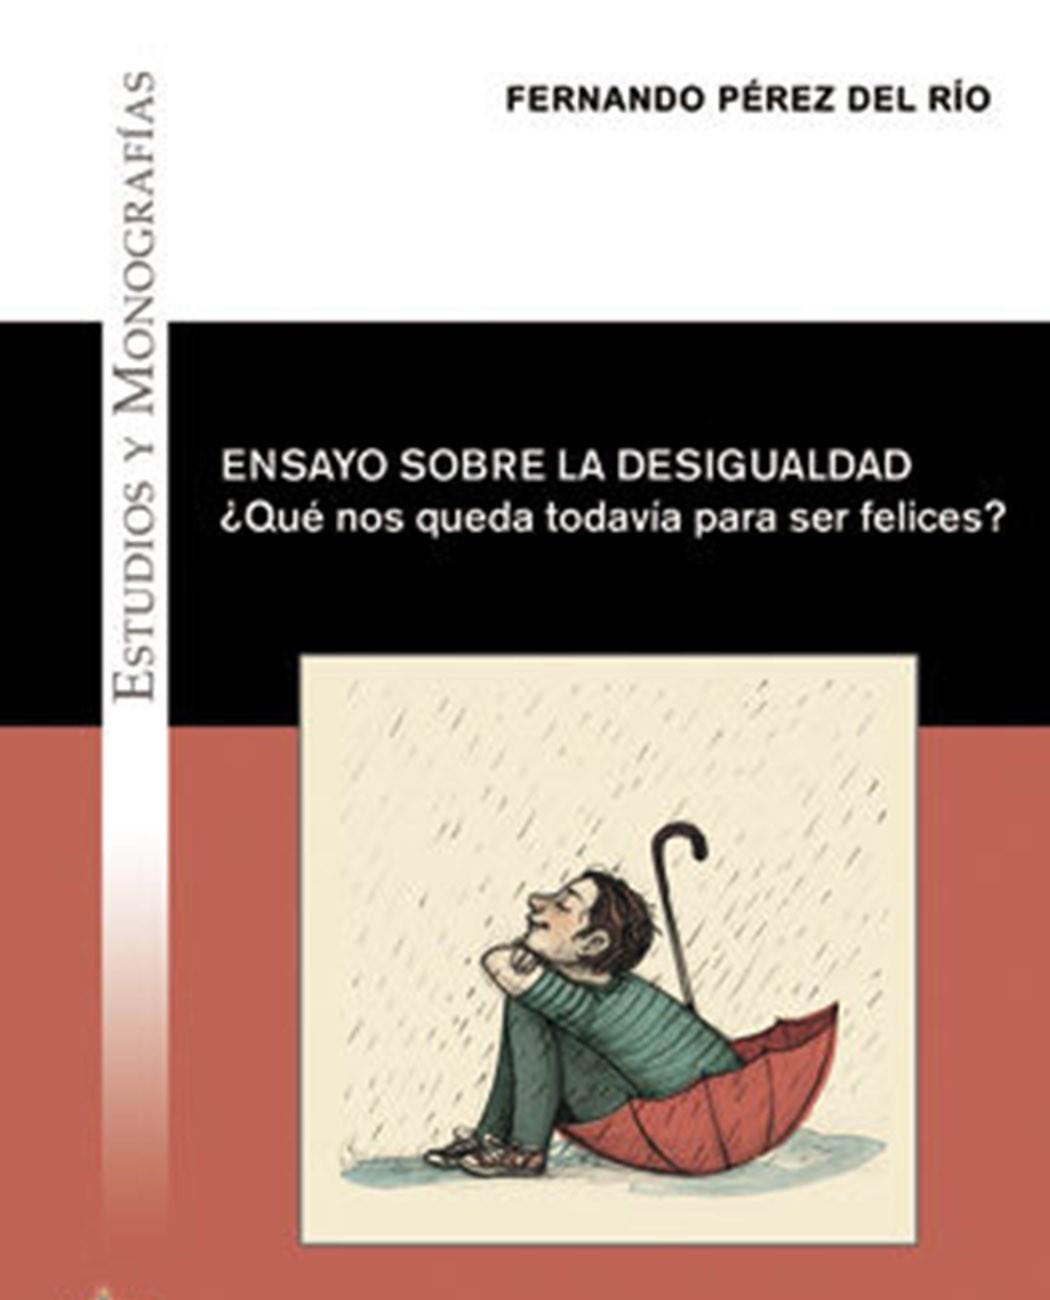 librosestrella_el-machismo-no-es-el-problema-